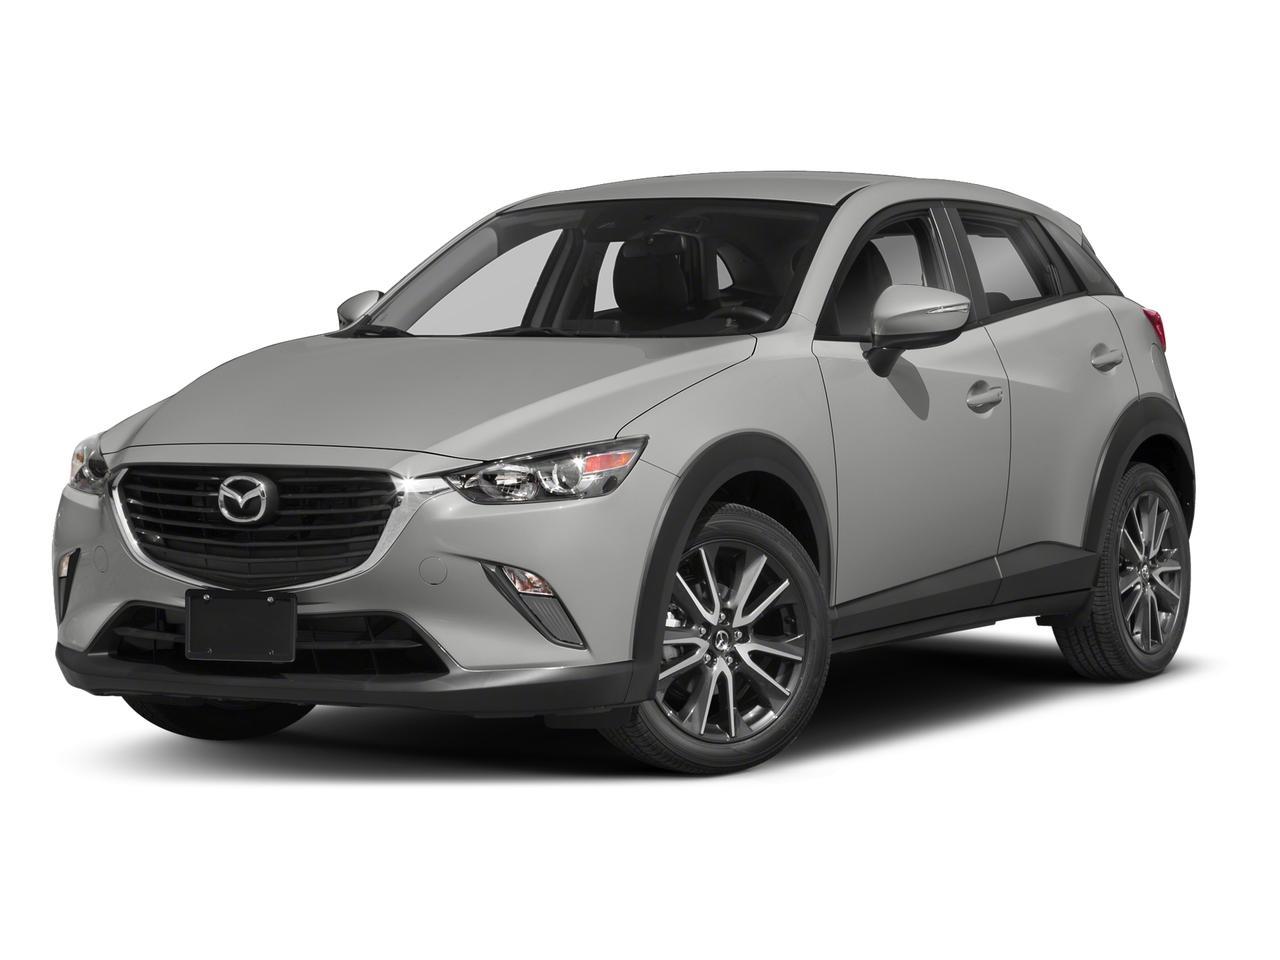 2018 Mazda CX-3 Vehicle Photo in Appleton, WI 54913